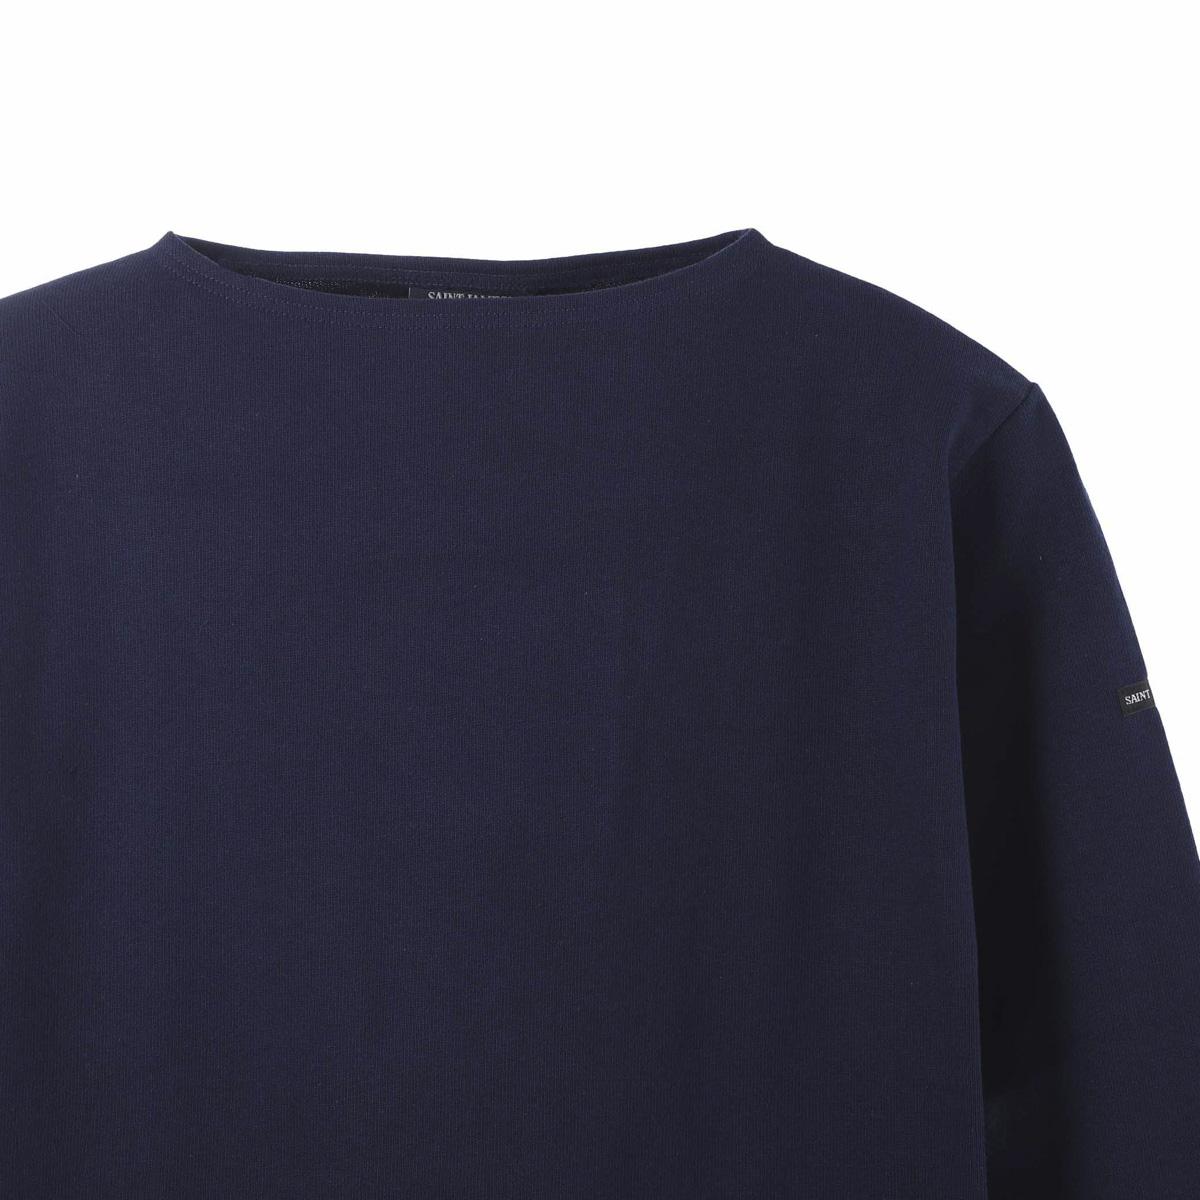 SAINT JAMES セントジェームス ボートネック 長袖Tシャツ/GUILDO ギルド【大きいサイズあり】